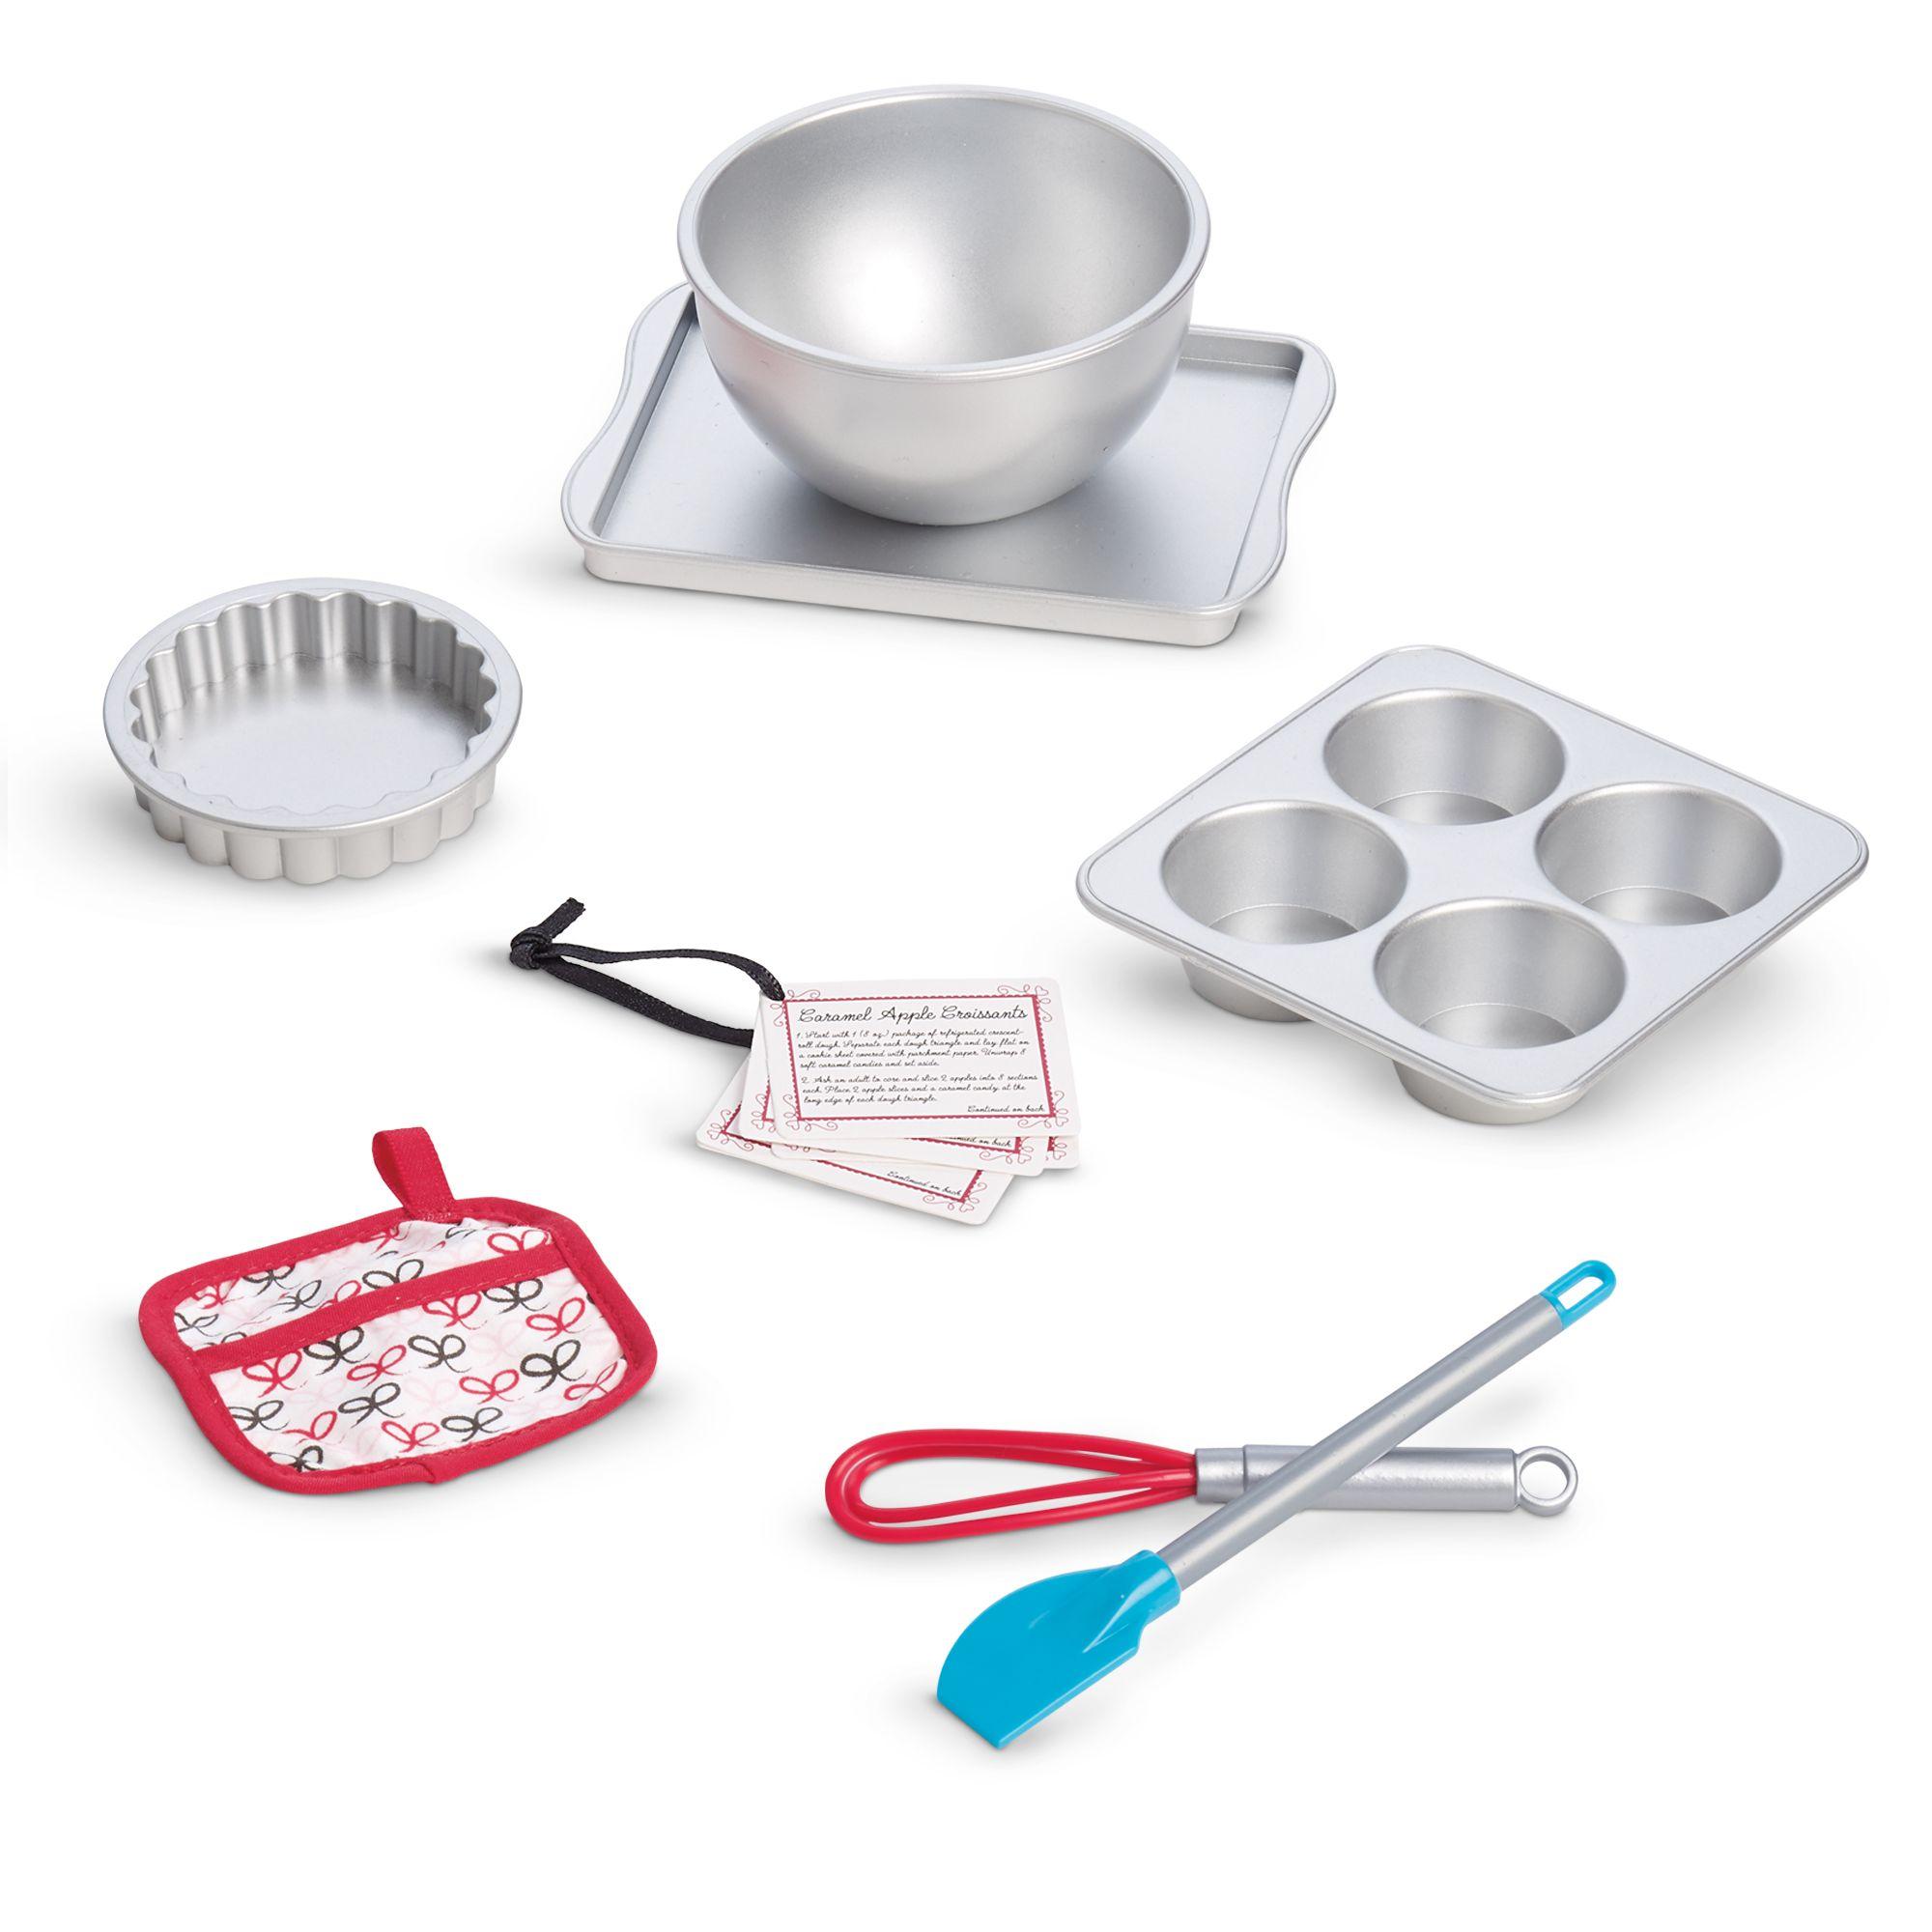 GraceFrenchBakery utensils.jpg